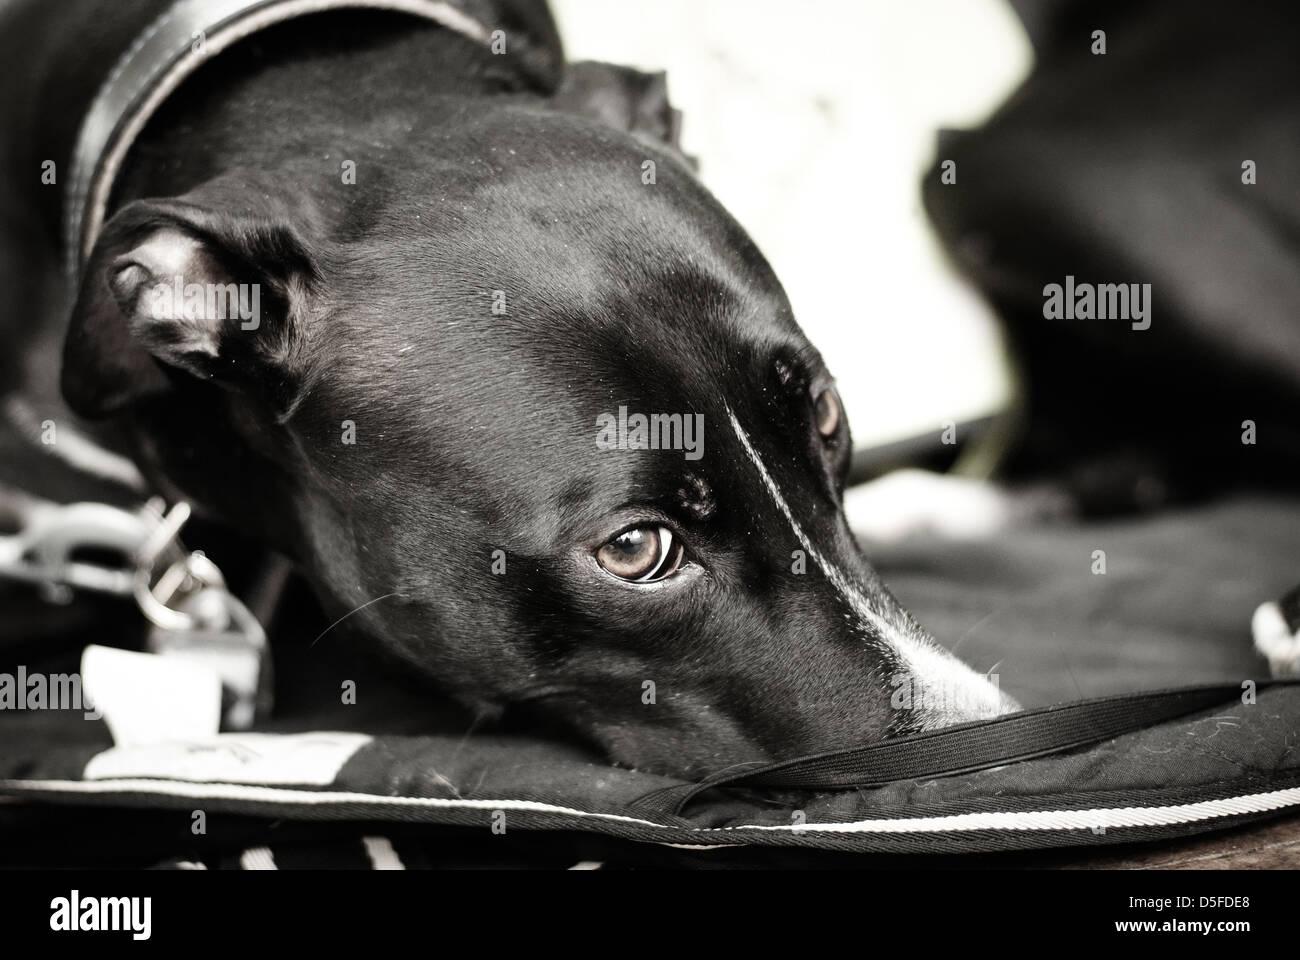 Racing Greyhound Stock Photos & Racing Greyhound Stock ...